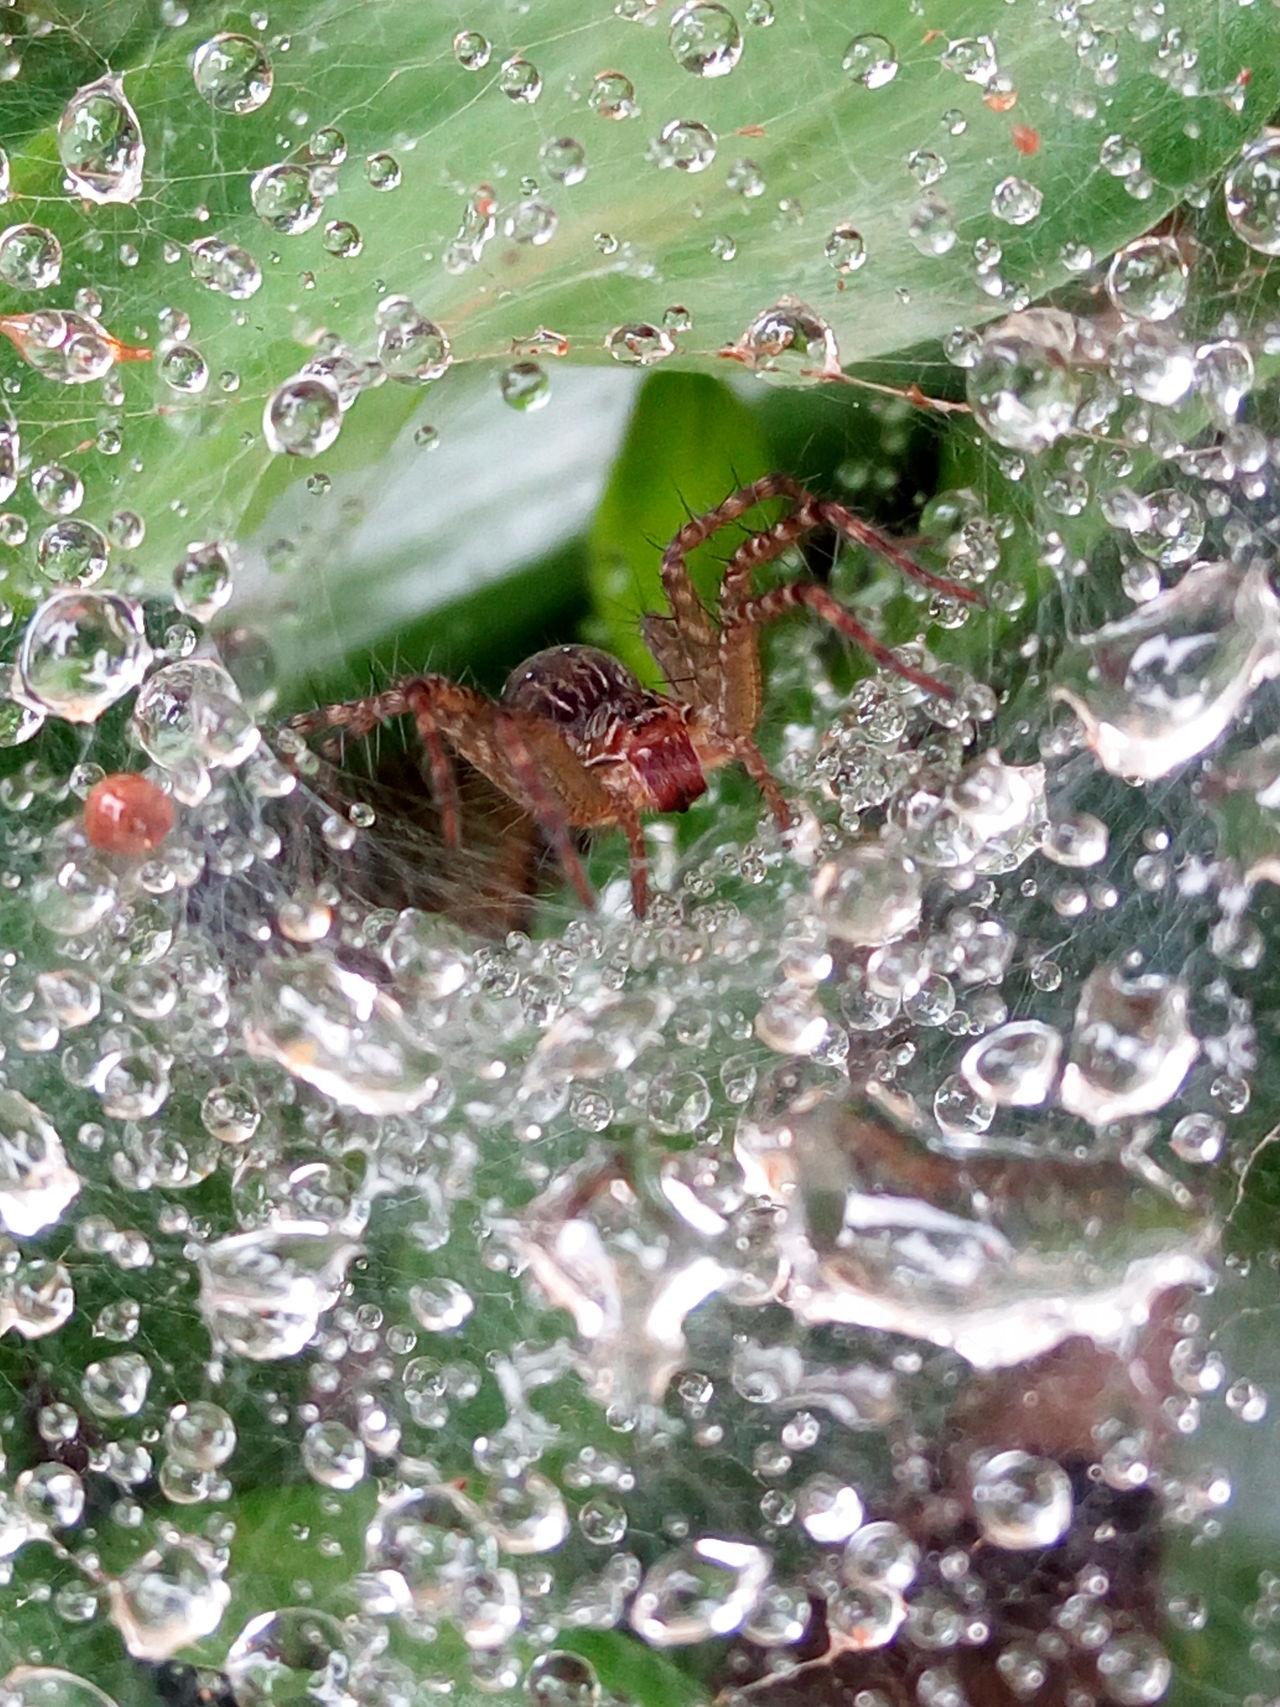 In the nest. Spider Jumping Spider Garden Spider Splash Raindrops Peeking After Rain Garden Backyard Nest Spiderweb